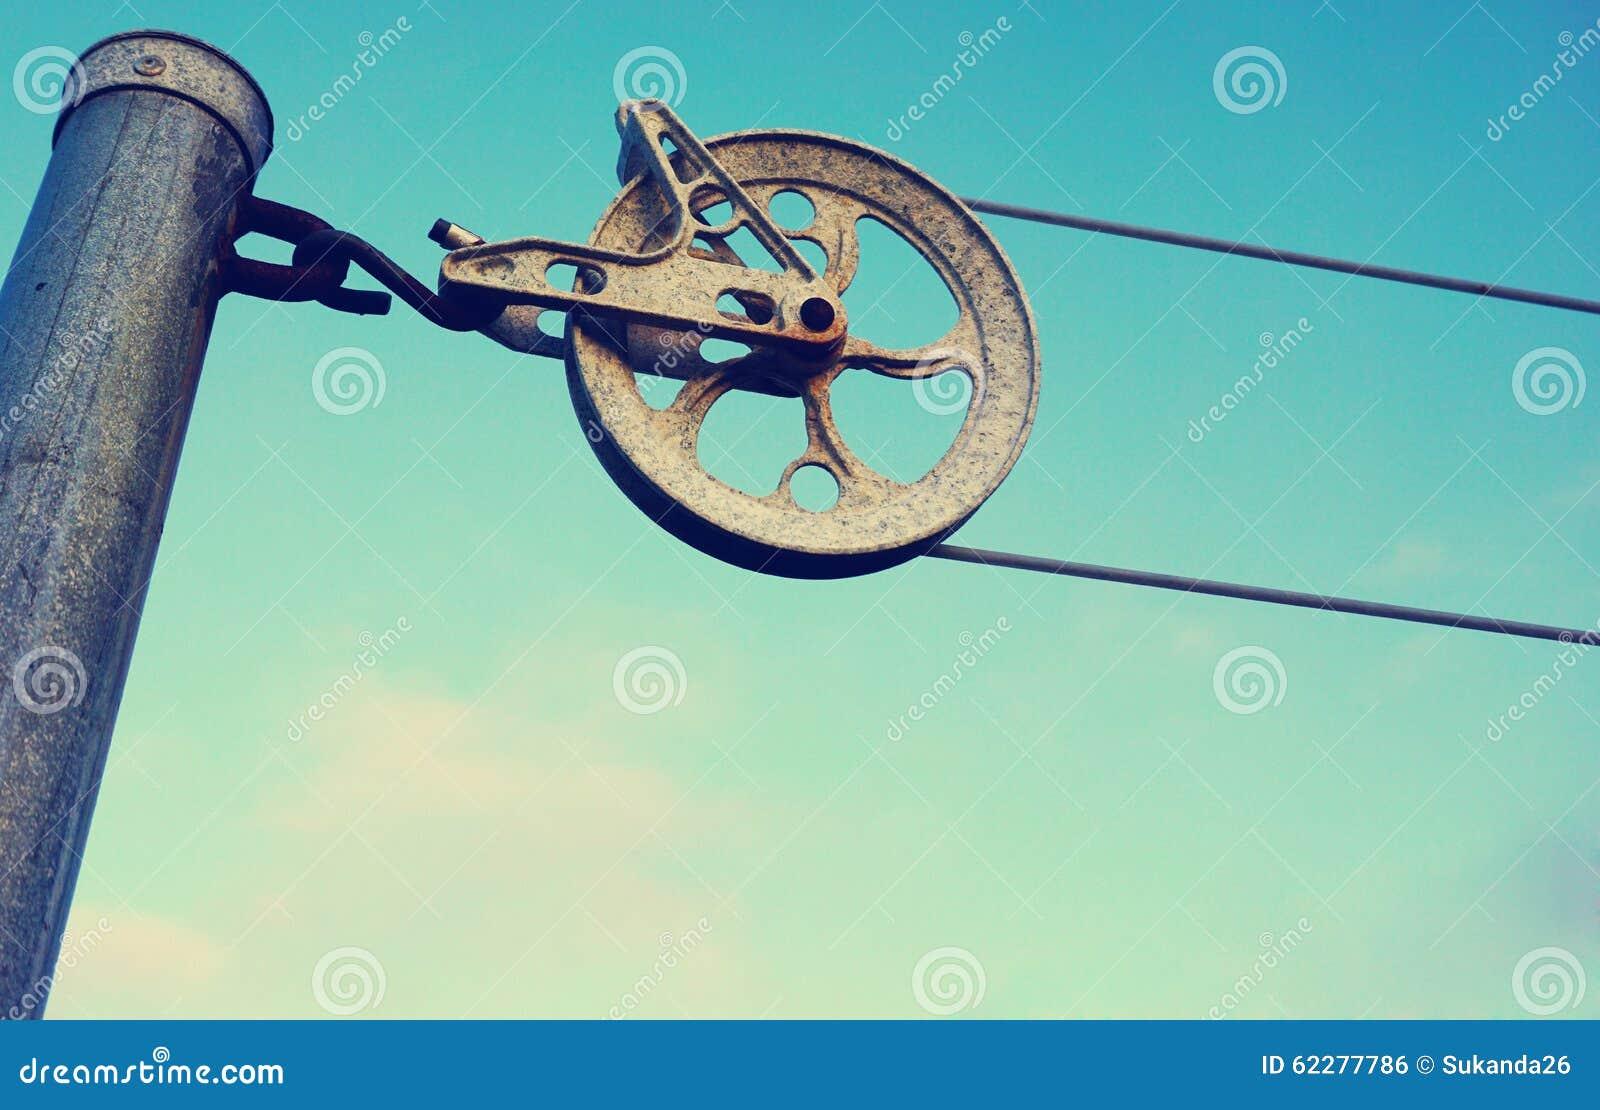 Винтажный старый стиль колеса clothline